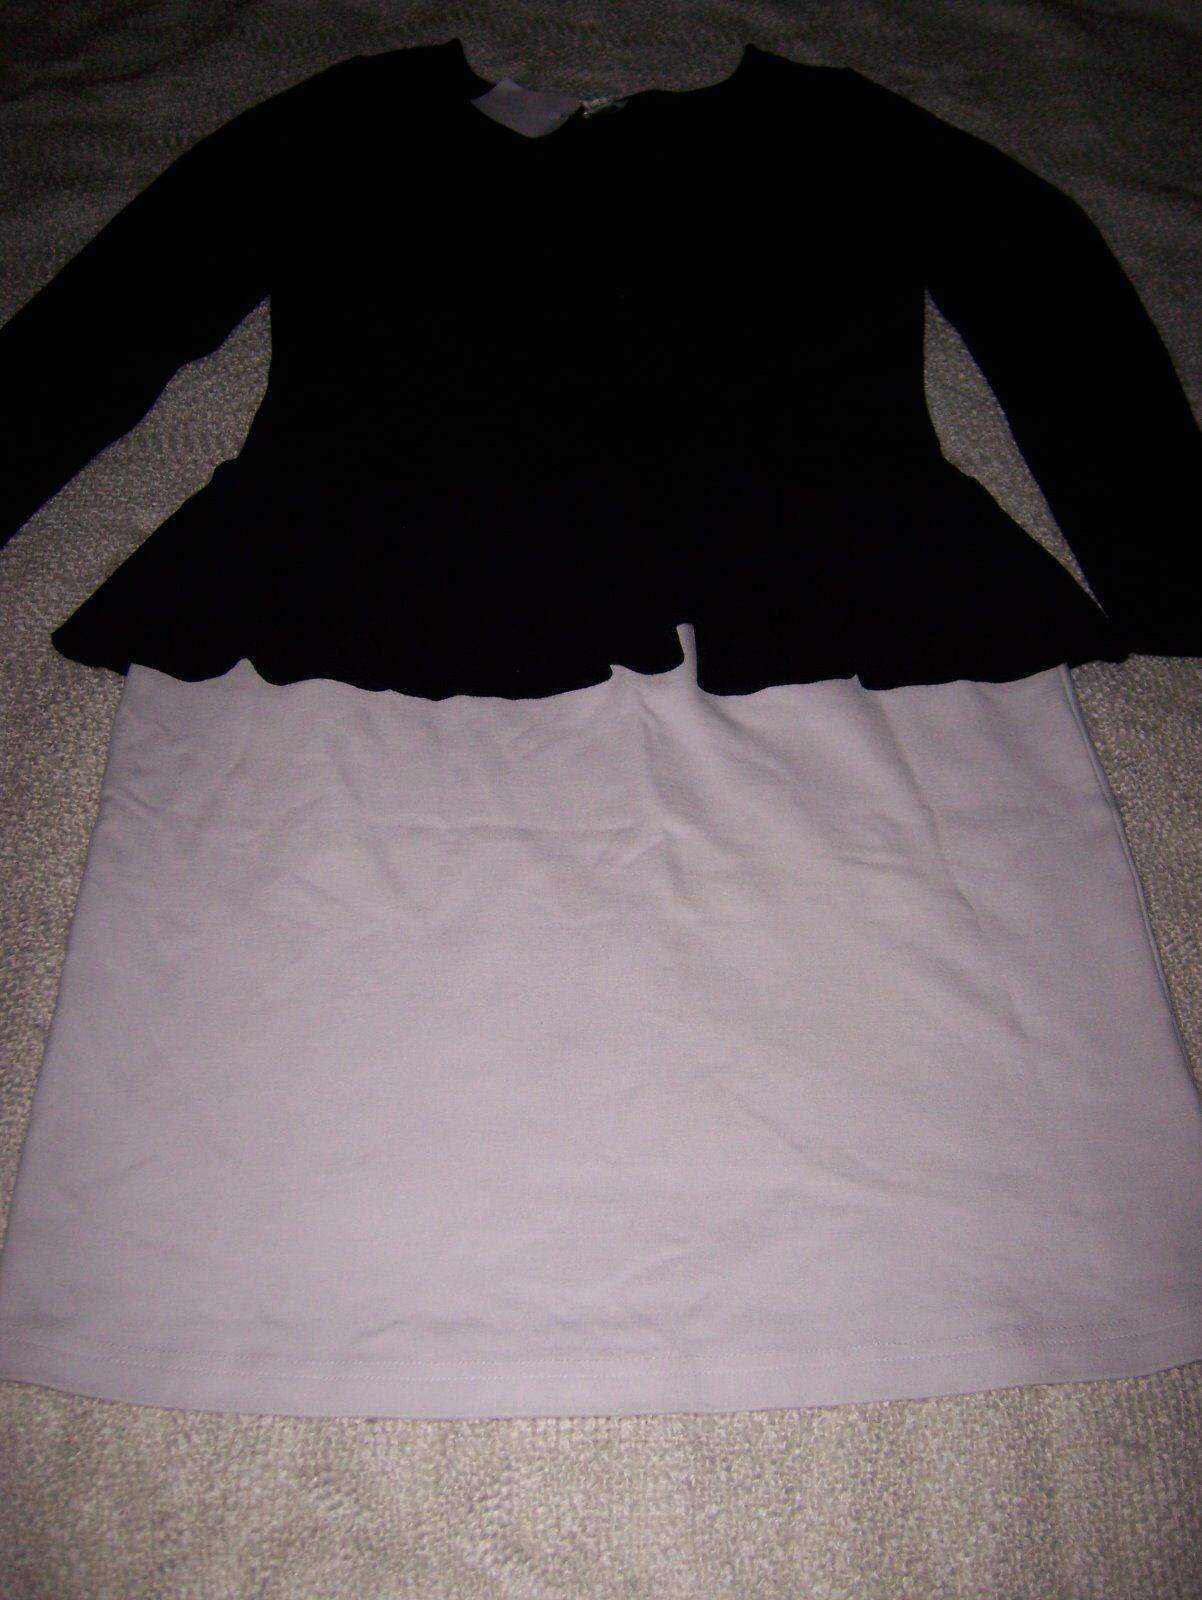 Alba Moda, Kleid Einteiler, Größe 36, Traumhaft schön, top und neuwertig